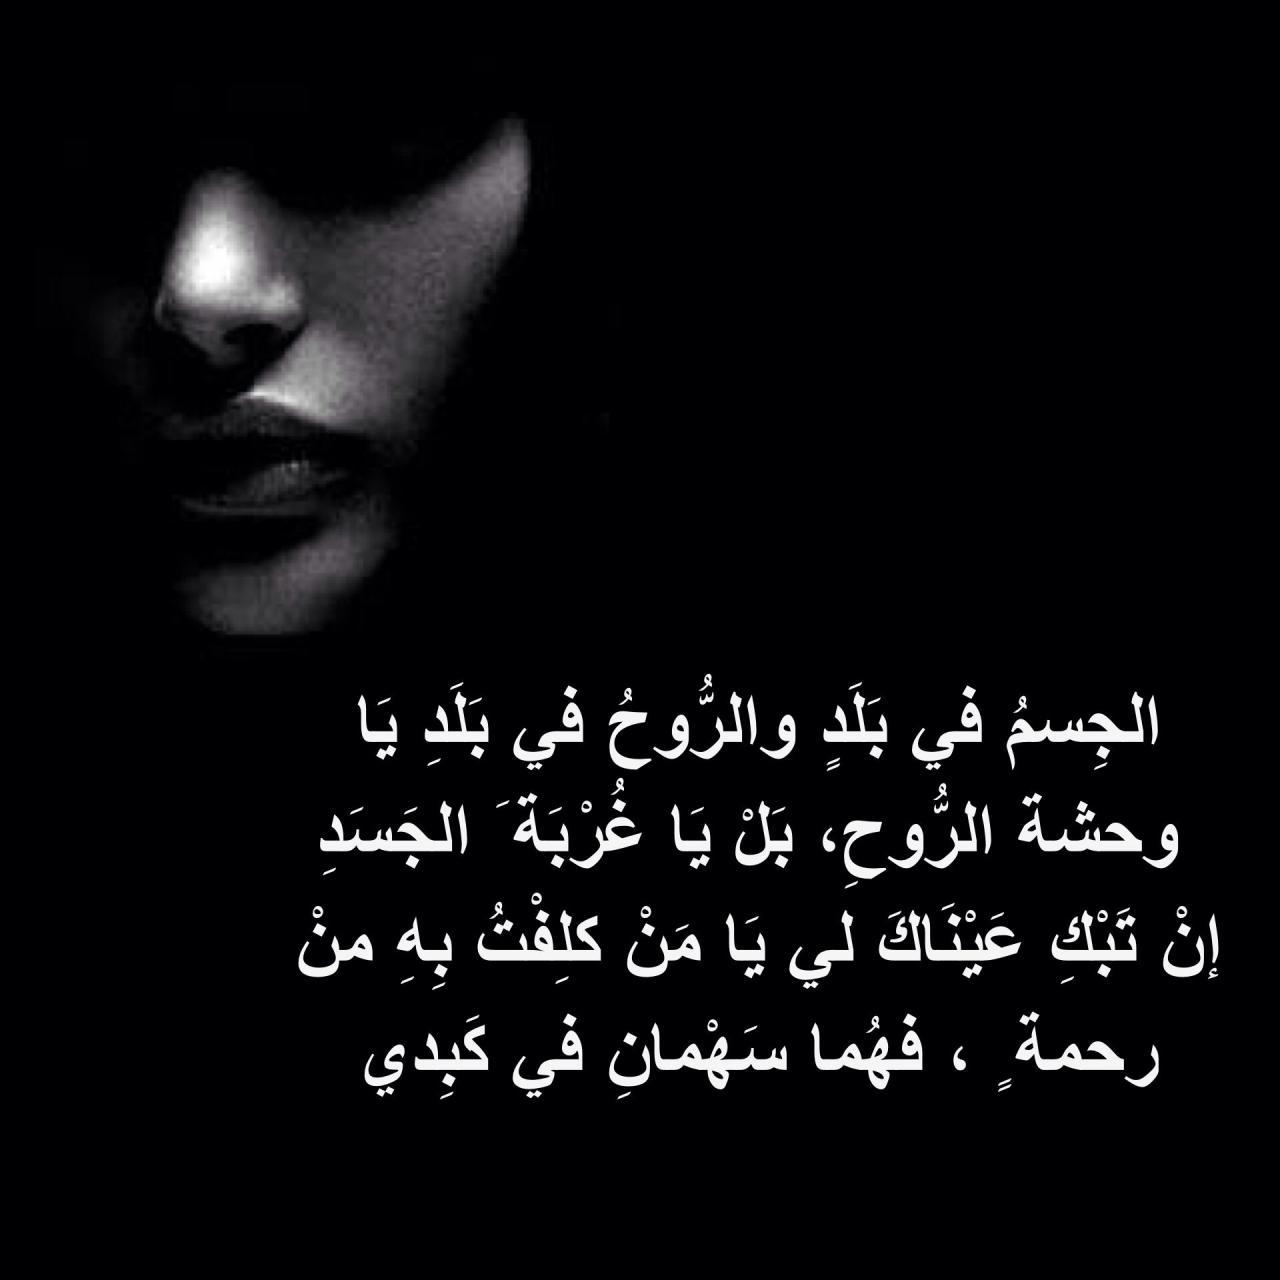 صورة شعر غزل فاحش في وصف جسد المراة , جمال المراة في الشعر الجاهلي 423 4